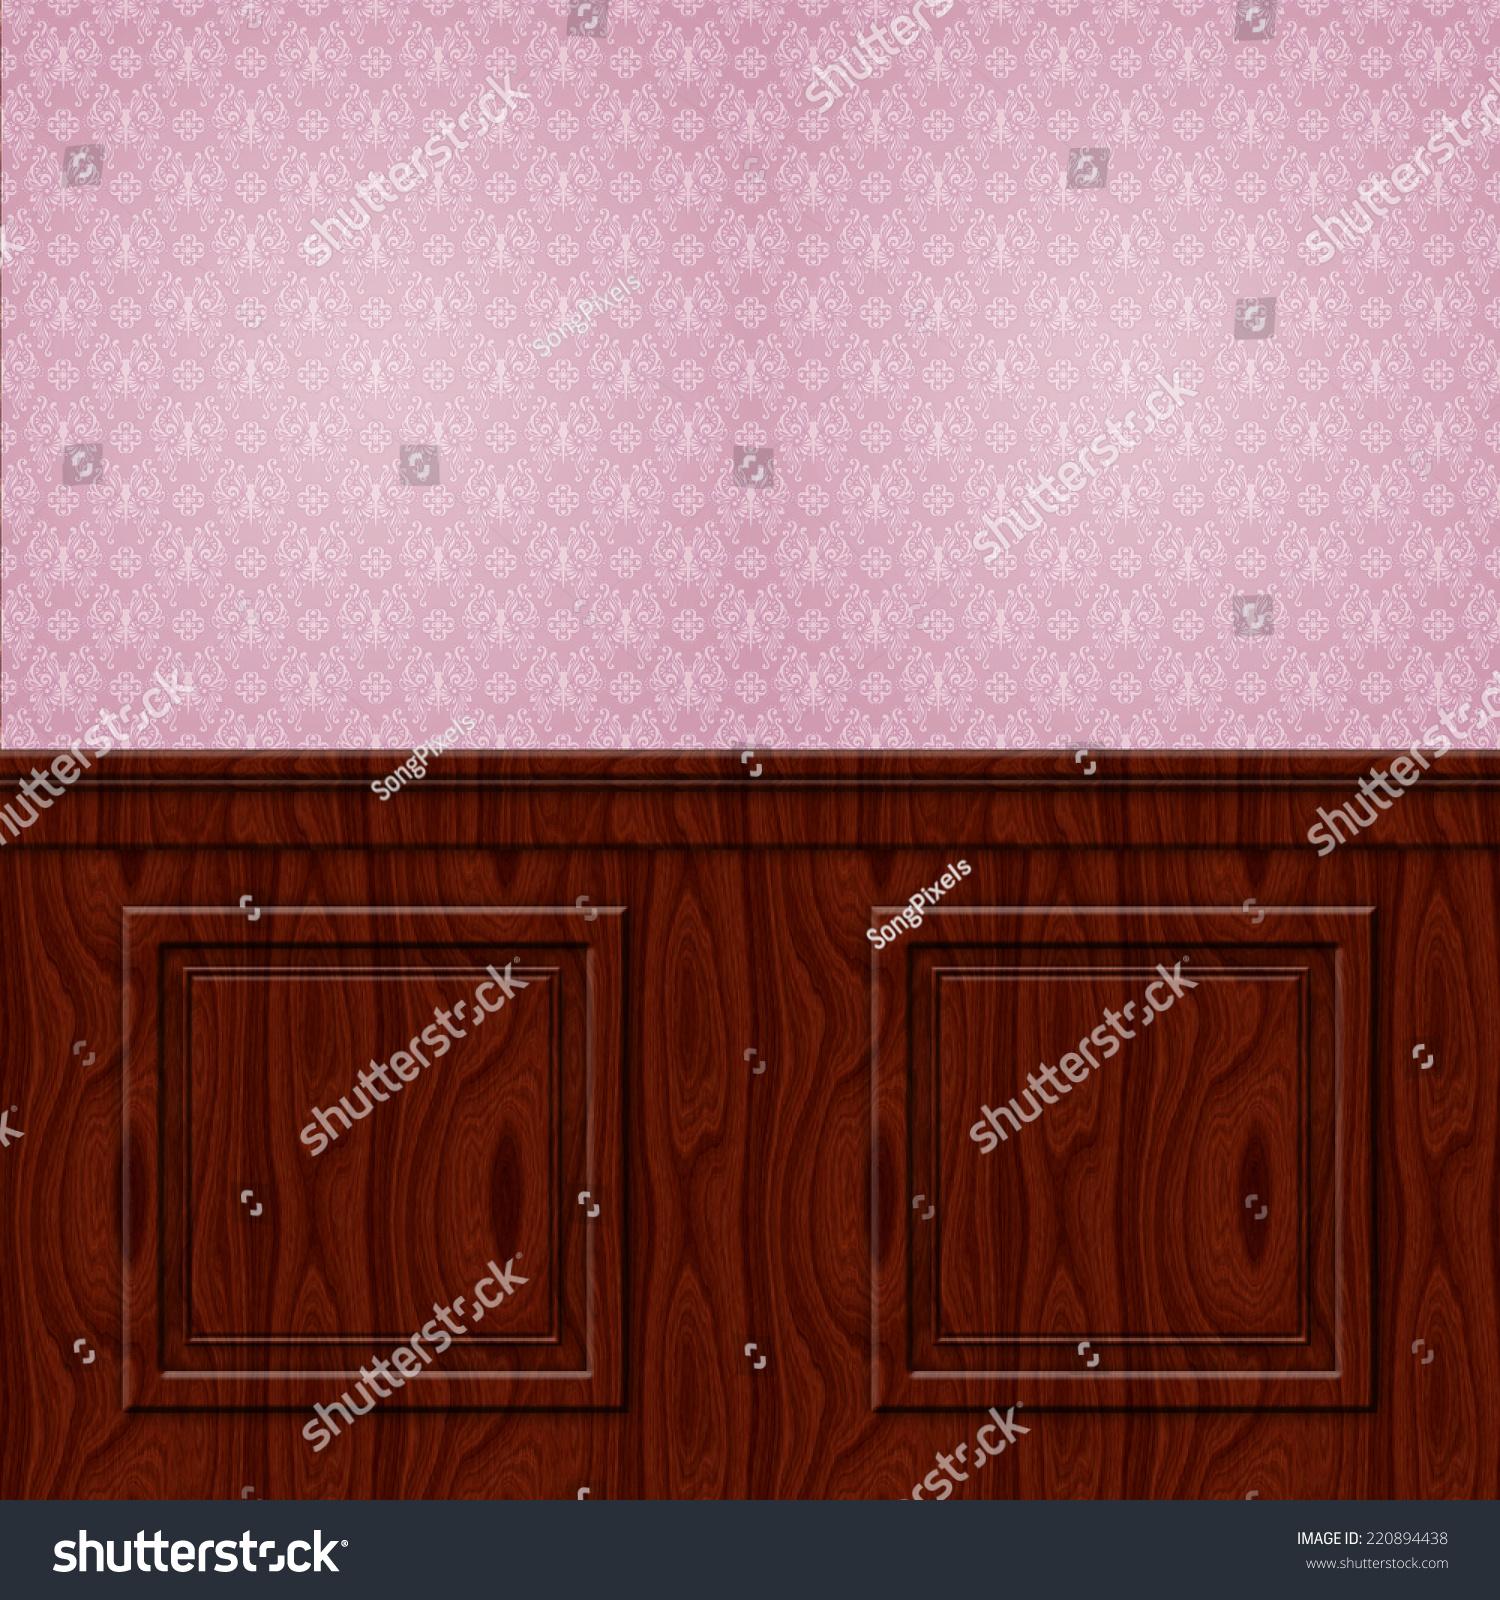 Mahogany Wood Wall Paneling : Interior wall damask wallpaper mahogany wood wainscoting